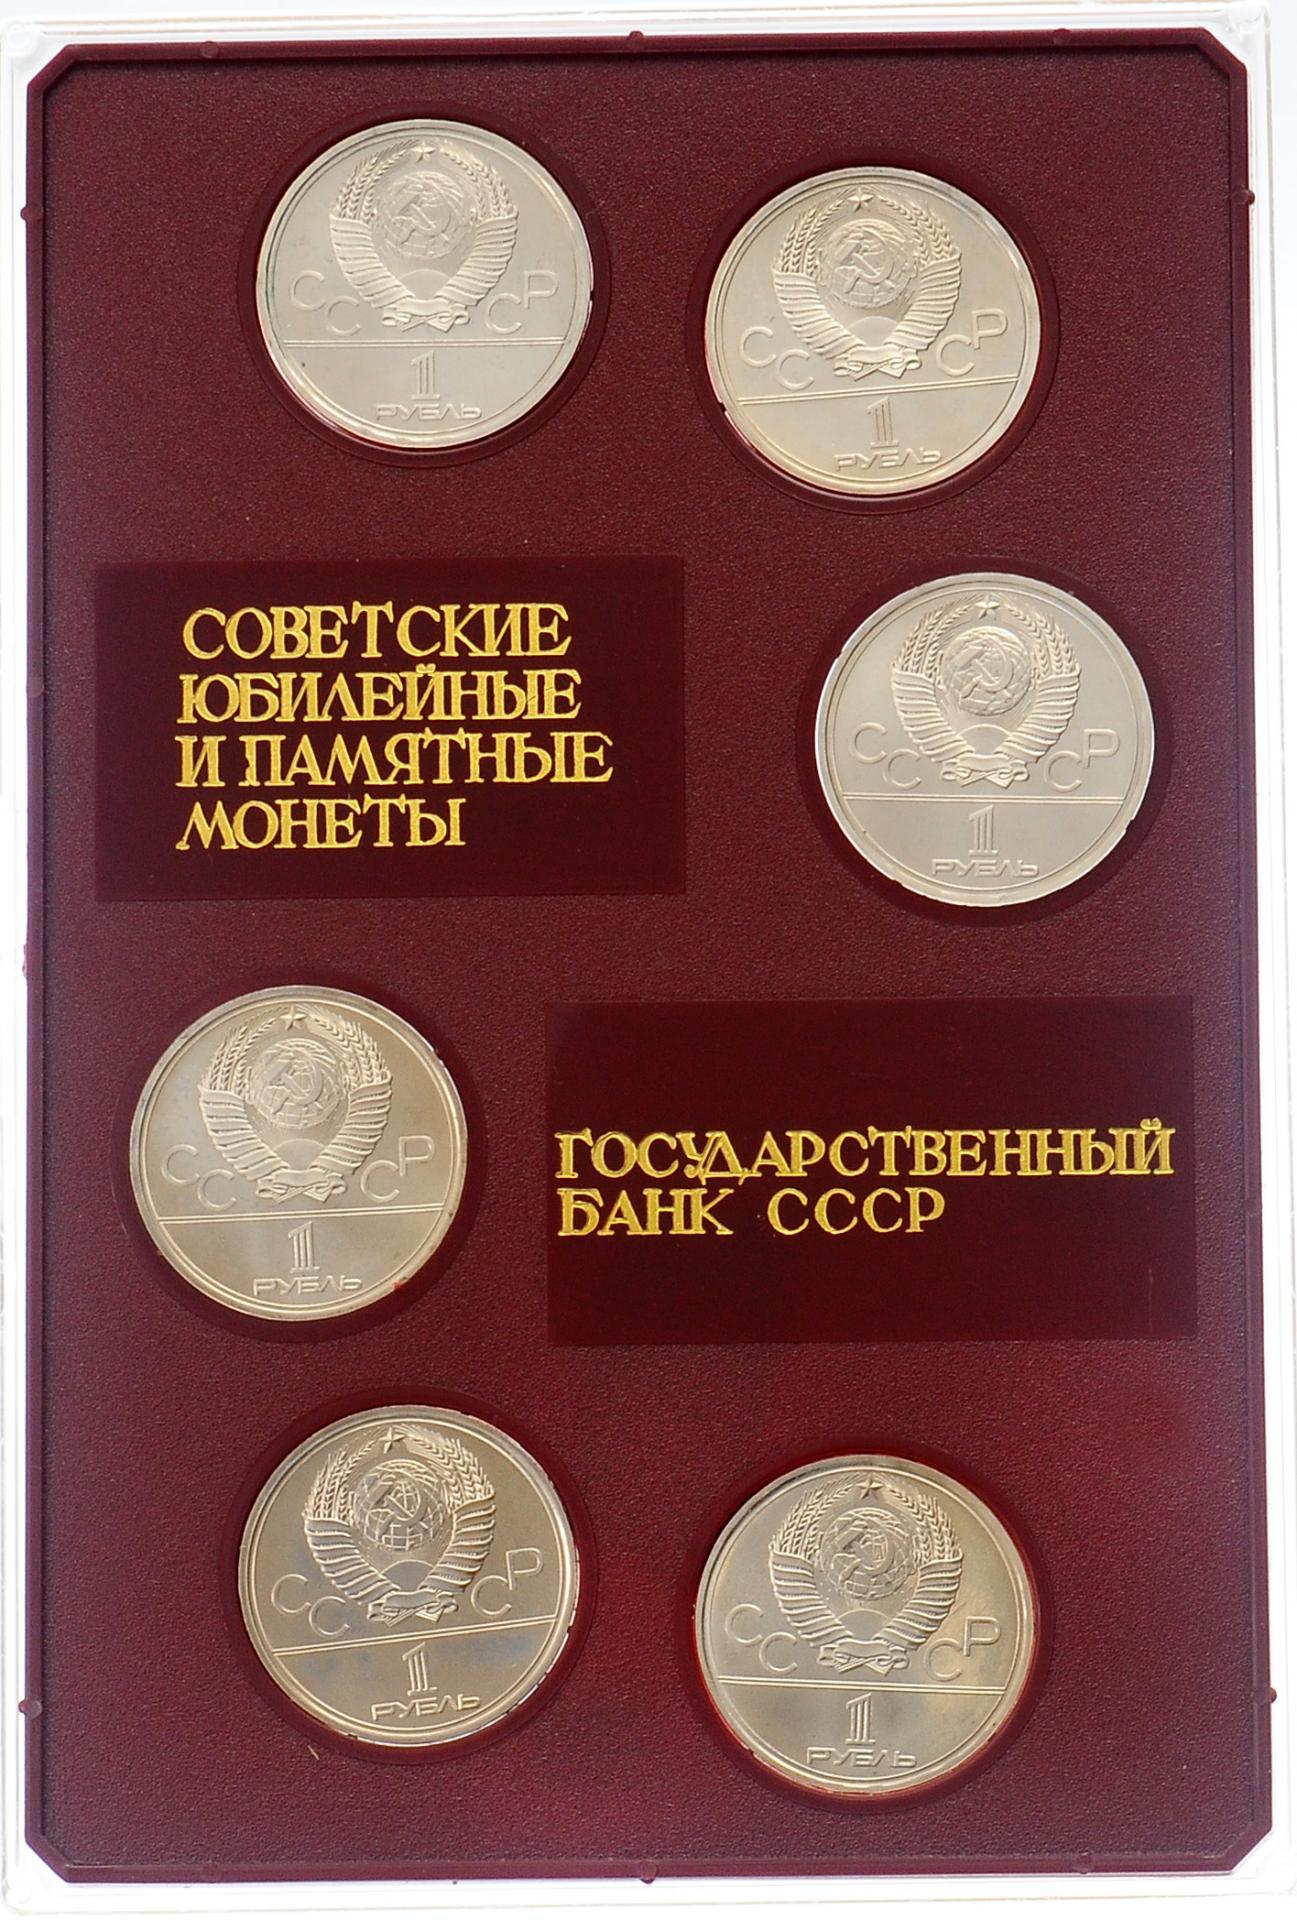 Памятные монеты олимпиада купить монета 3 рубля 2018